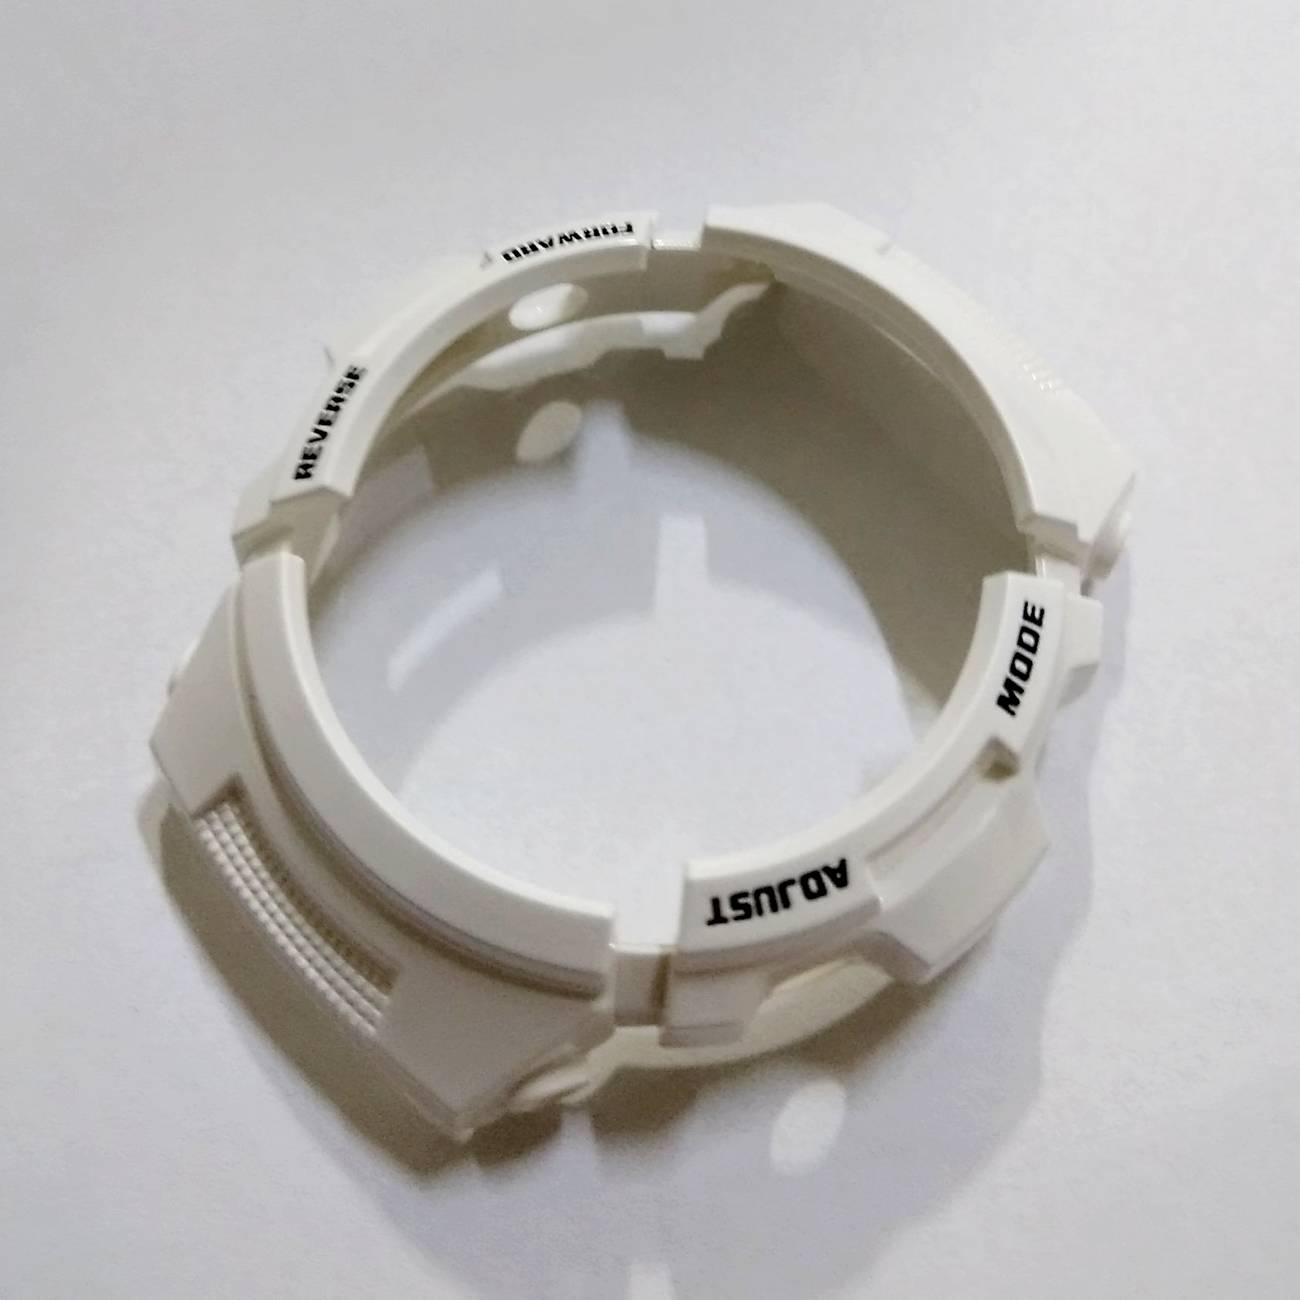 Bezel Casio G-shock Branco Aw-591SC-7 Peças Originais  - E-Presentes